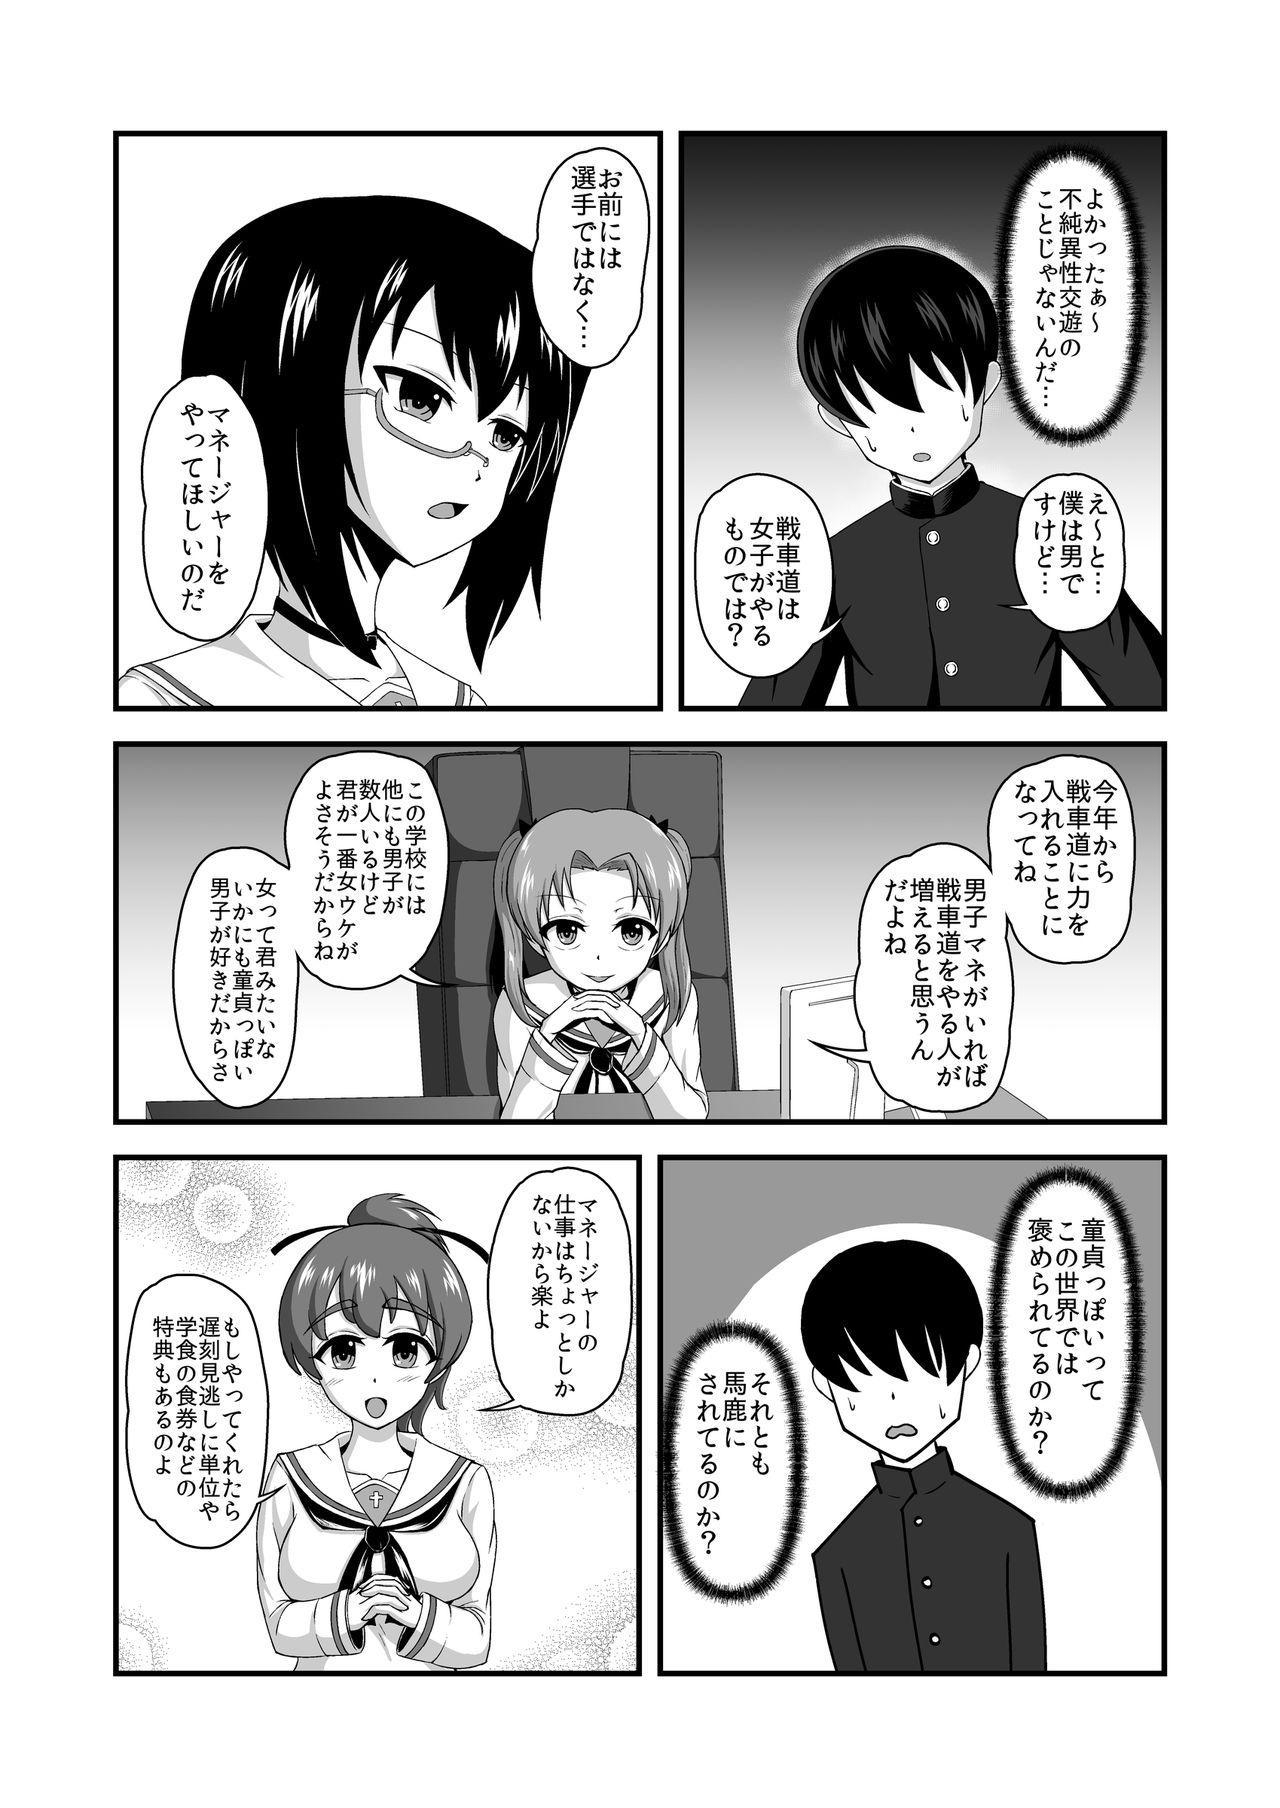 Teisou Gyakuten Abekobe Banashi 2 10